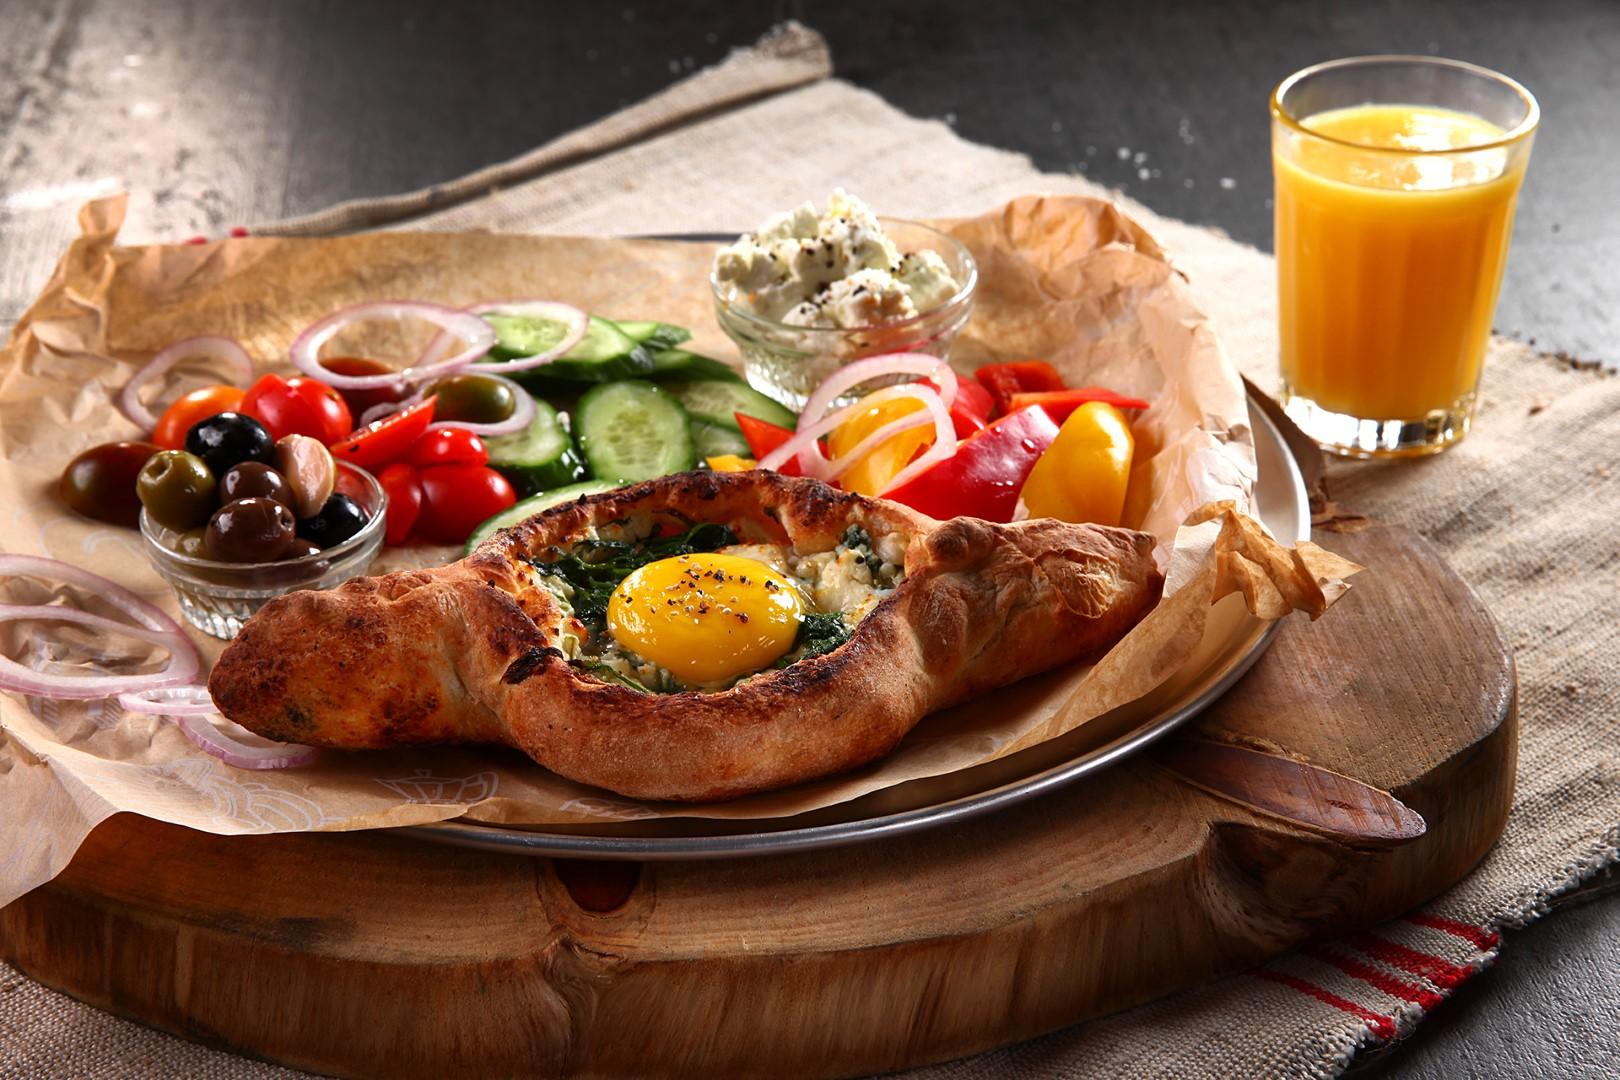 ברוסקטה פרינצי - מאפה עם ביצת עין